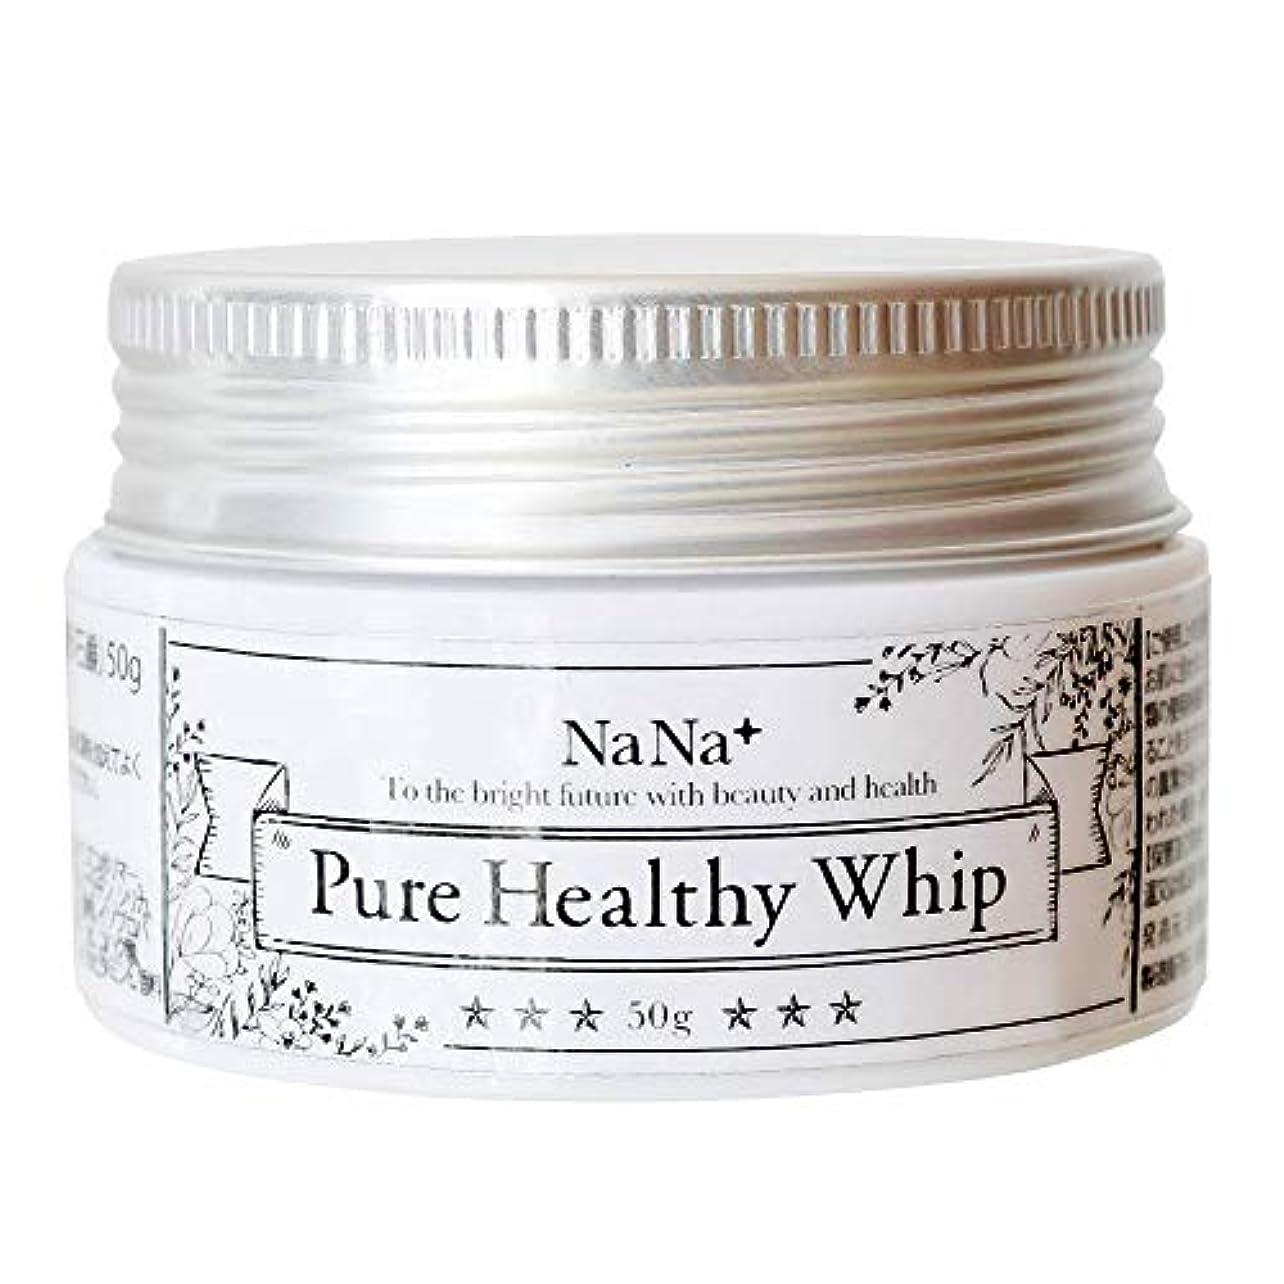 マンハッタン耳米国洗顔 生せっけん 敏感肌 乾燥肌 の 毛穴 くすみ 黒ずみ ケア 肌に優しい無添加  nana+ピュアヘルシーホイップ